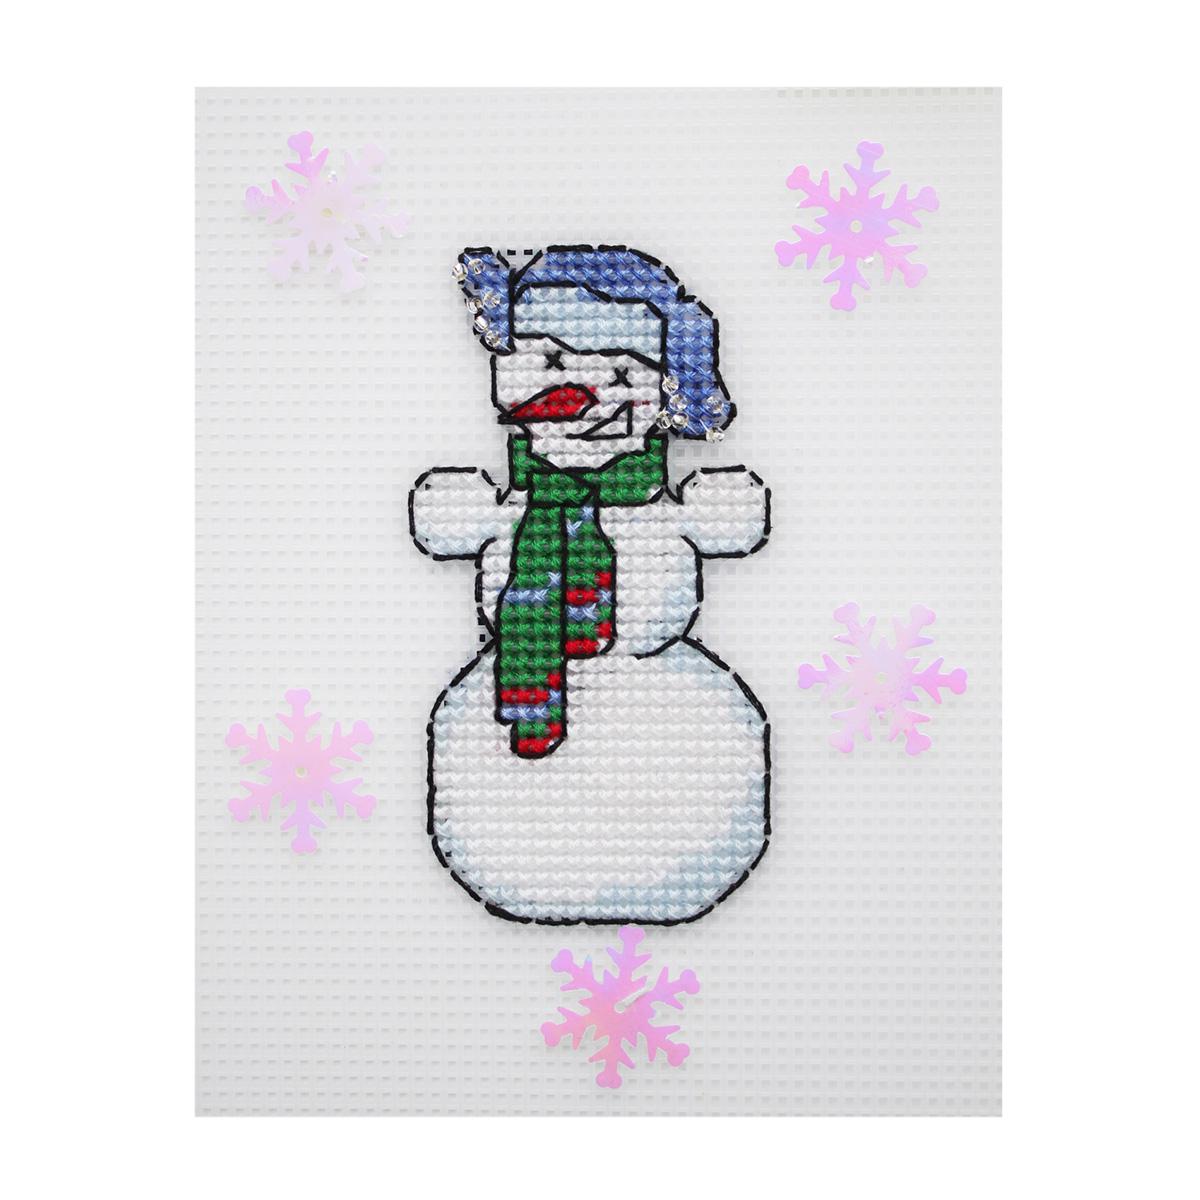 П-0020 Набор для вышивания на пластиковой канве Hobby & Pro Kids ' Снеговик', 10*5,5 см